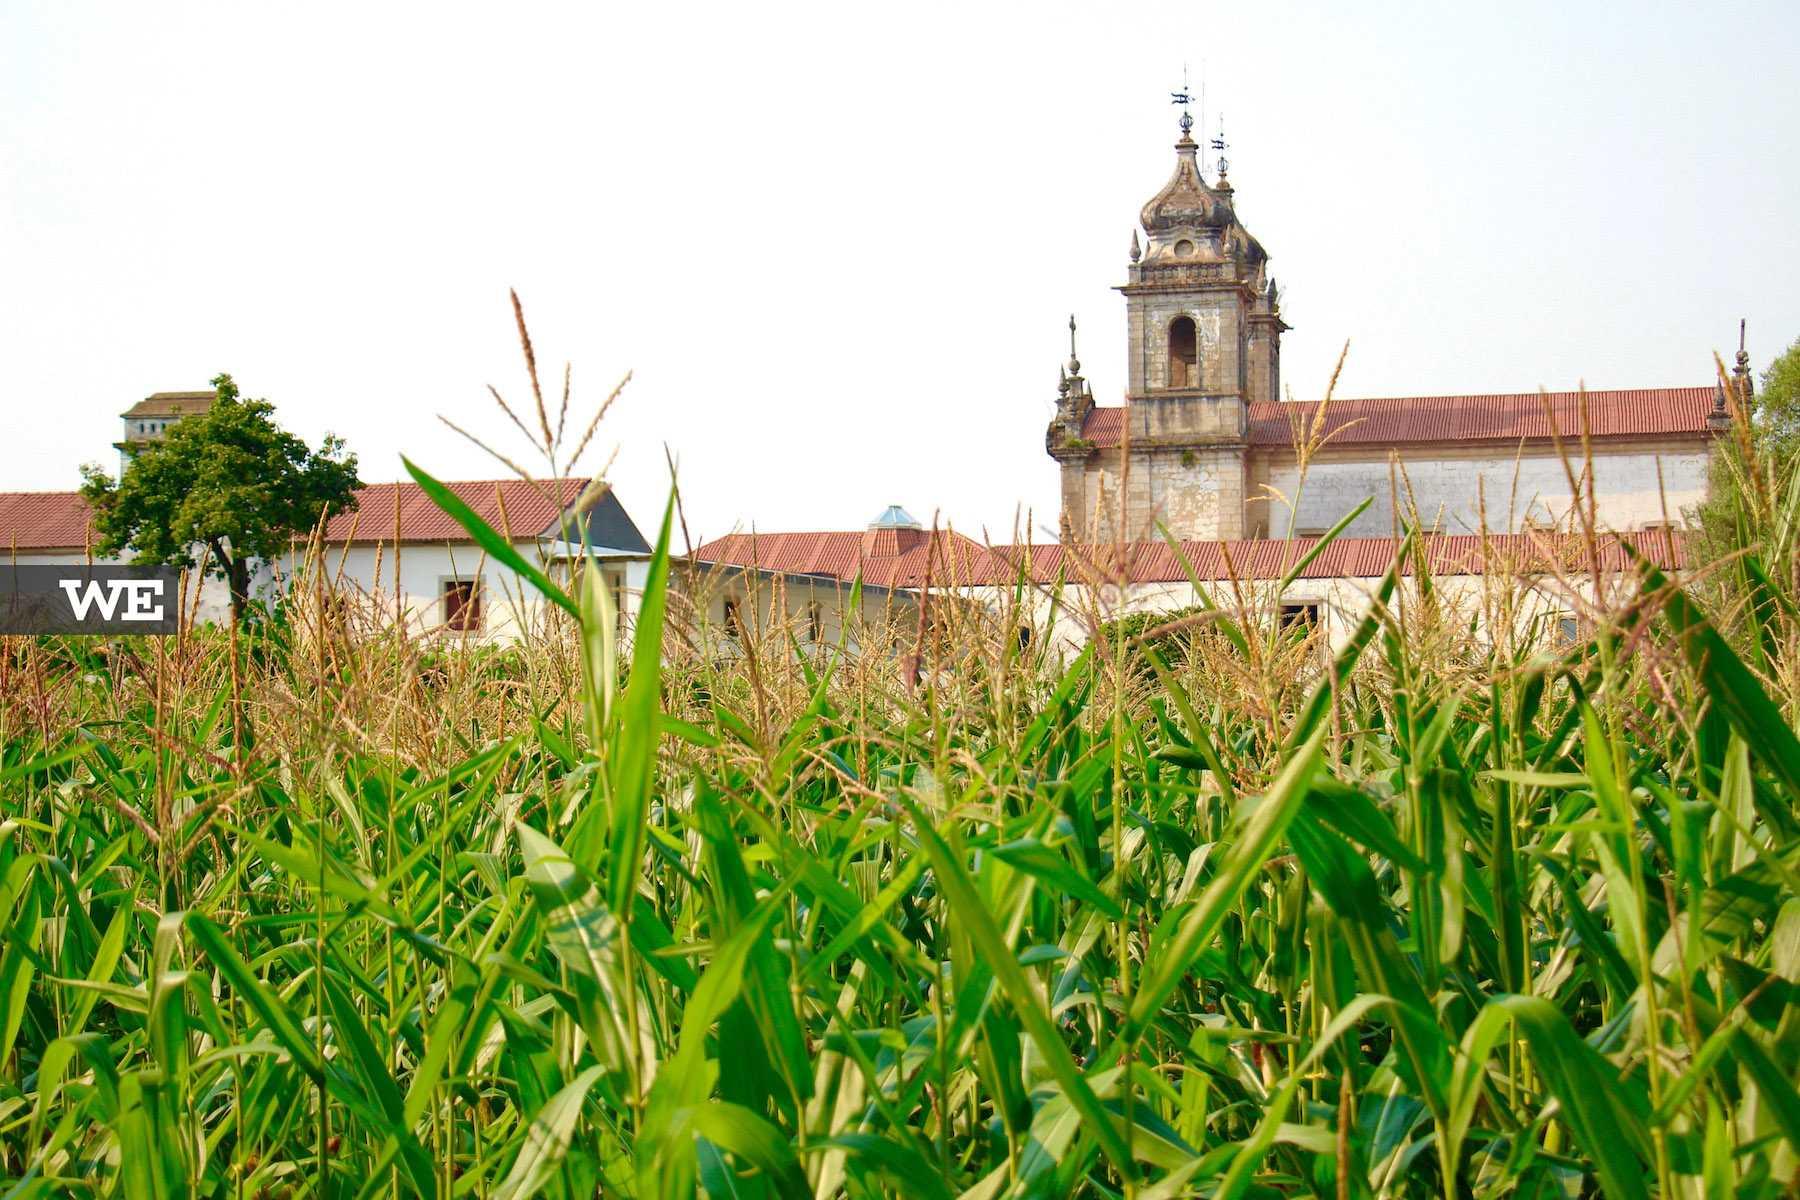 Vista do Mosteiro de Tibães a partir dos jardins